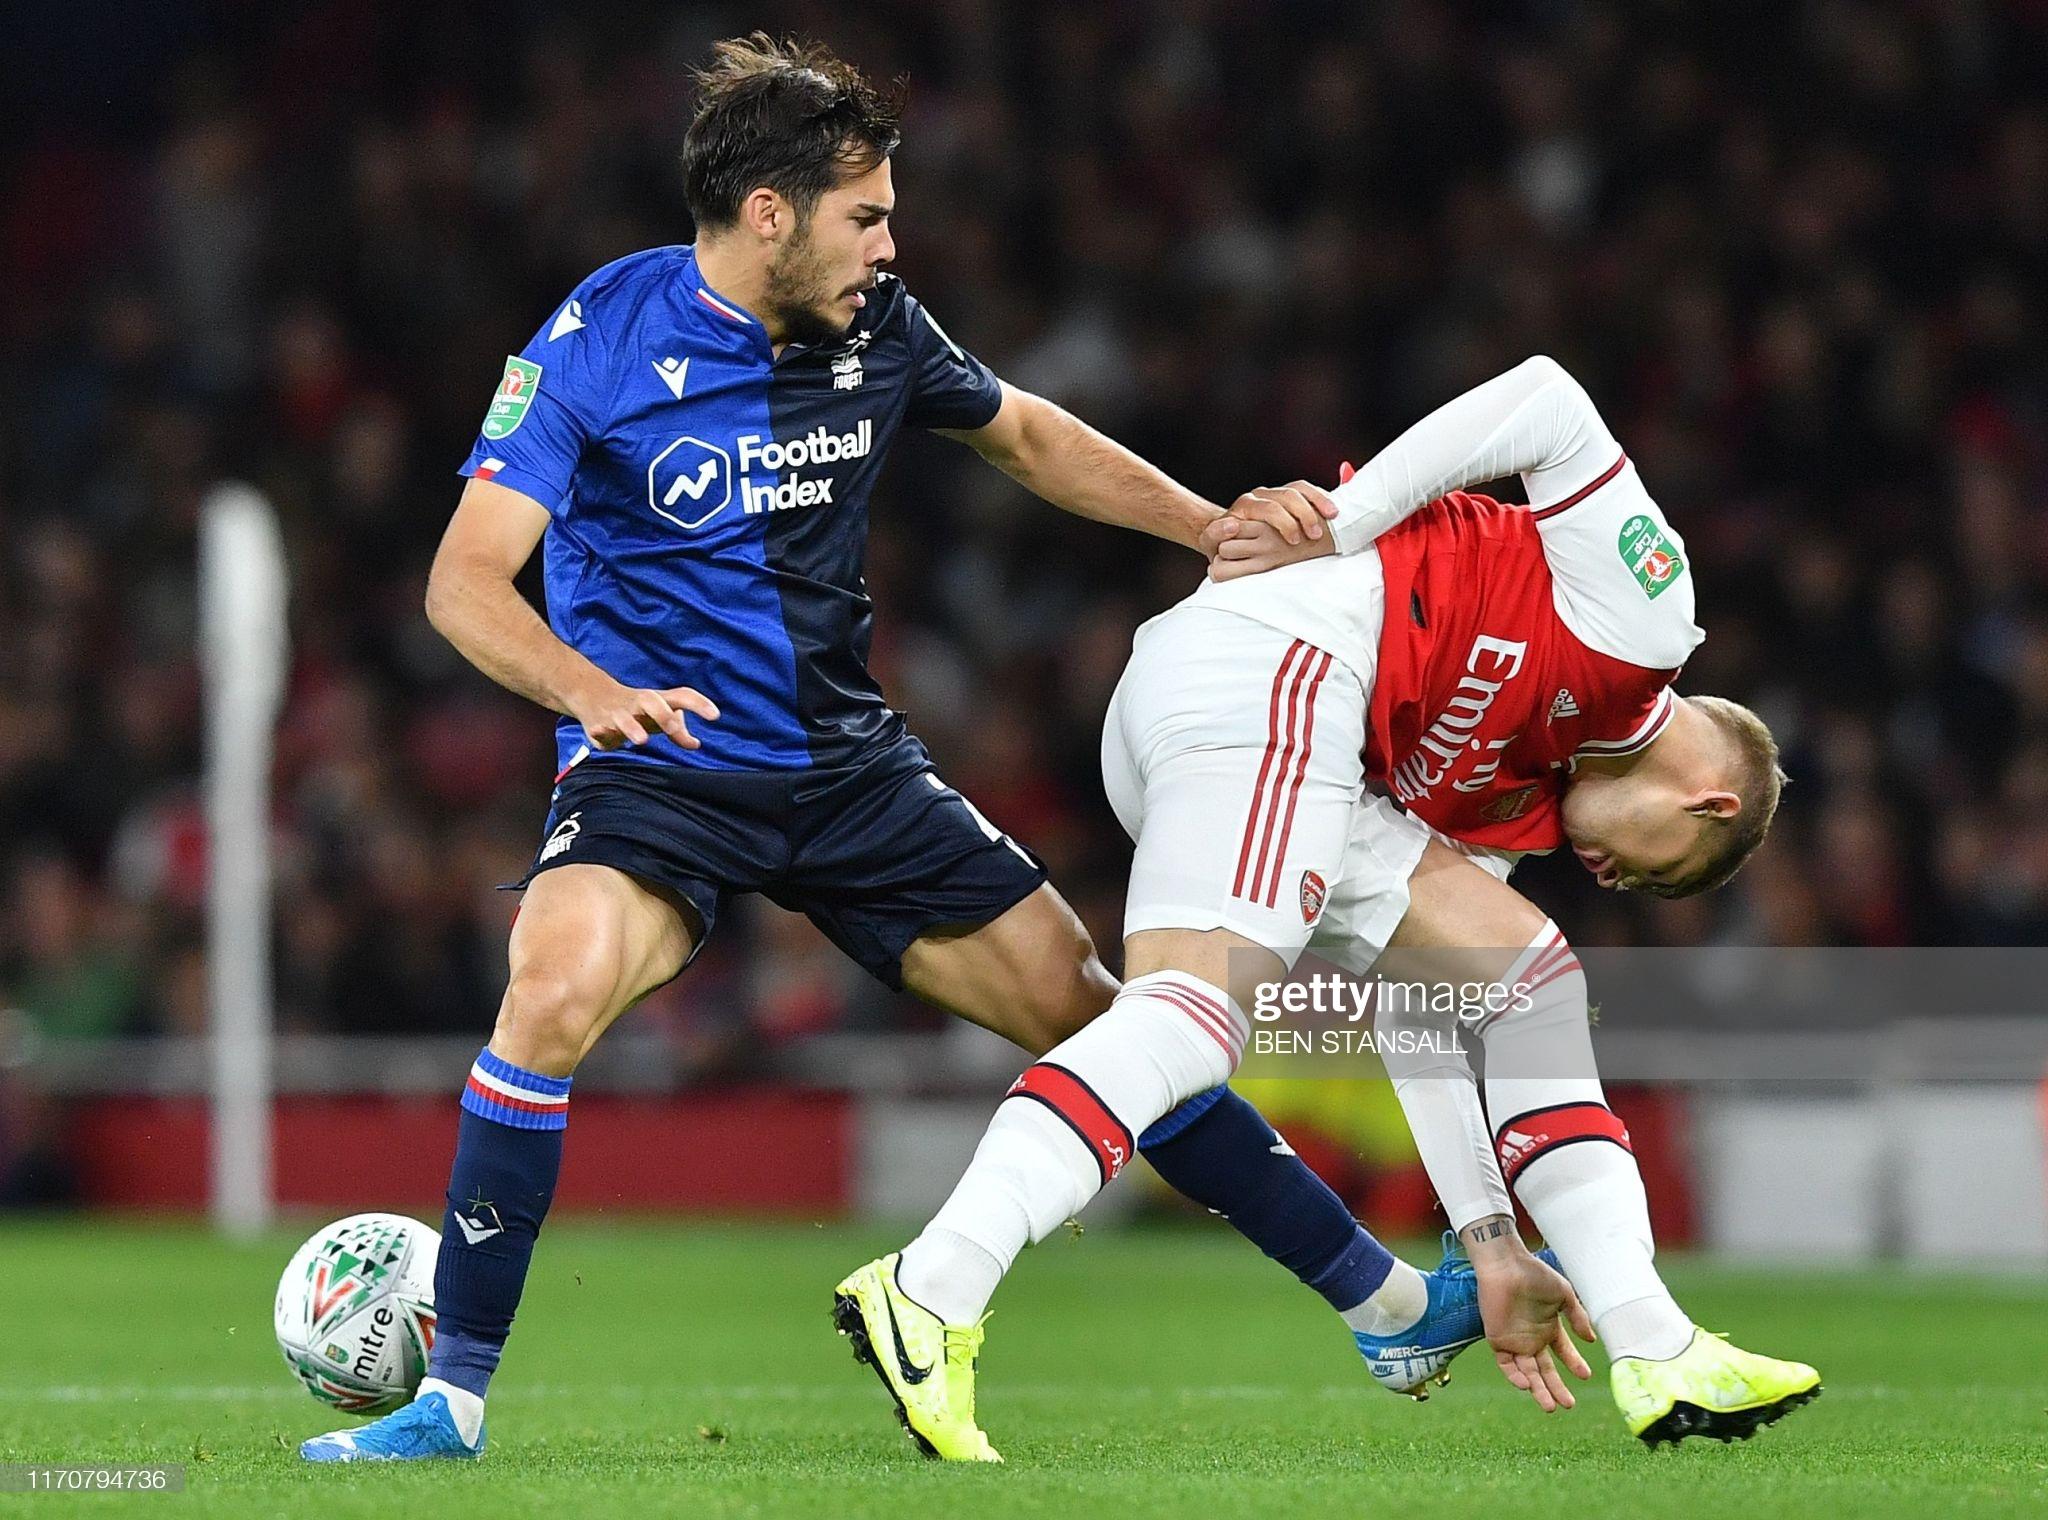 [Image: Nottingham-Forest-s-Portuguese-defender-...-Emile.jpg]